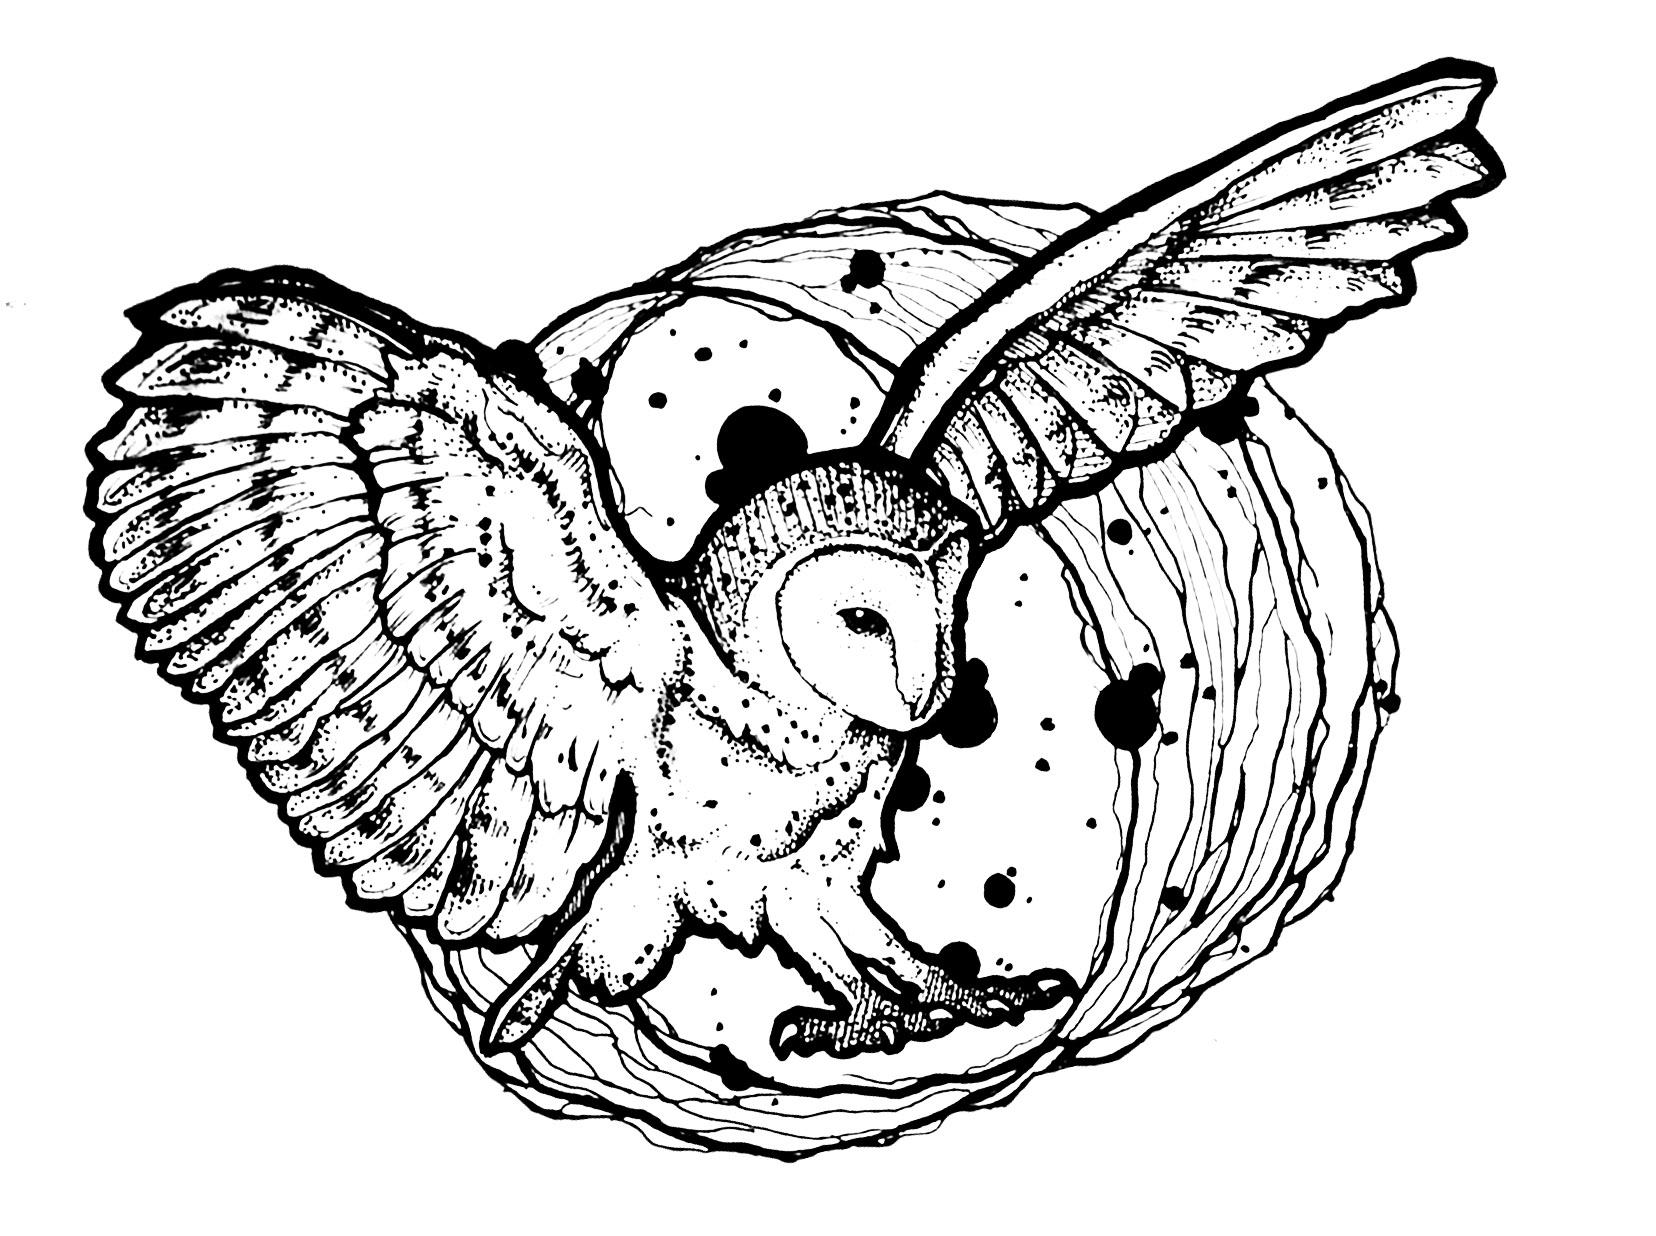 Hibou ailes deployees blog coloriages difficiles pour adultes - Coloriage de hibou ...